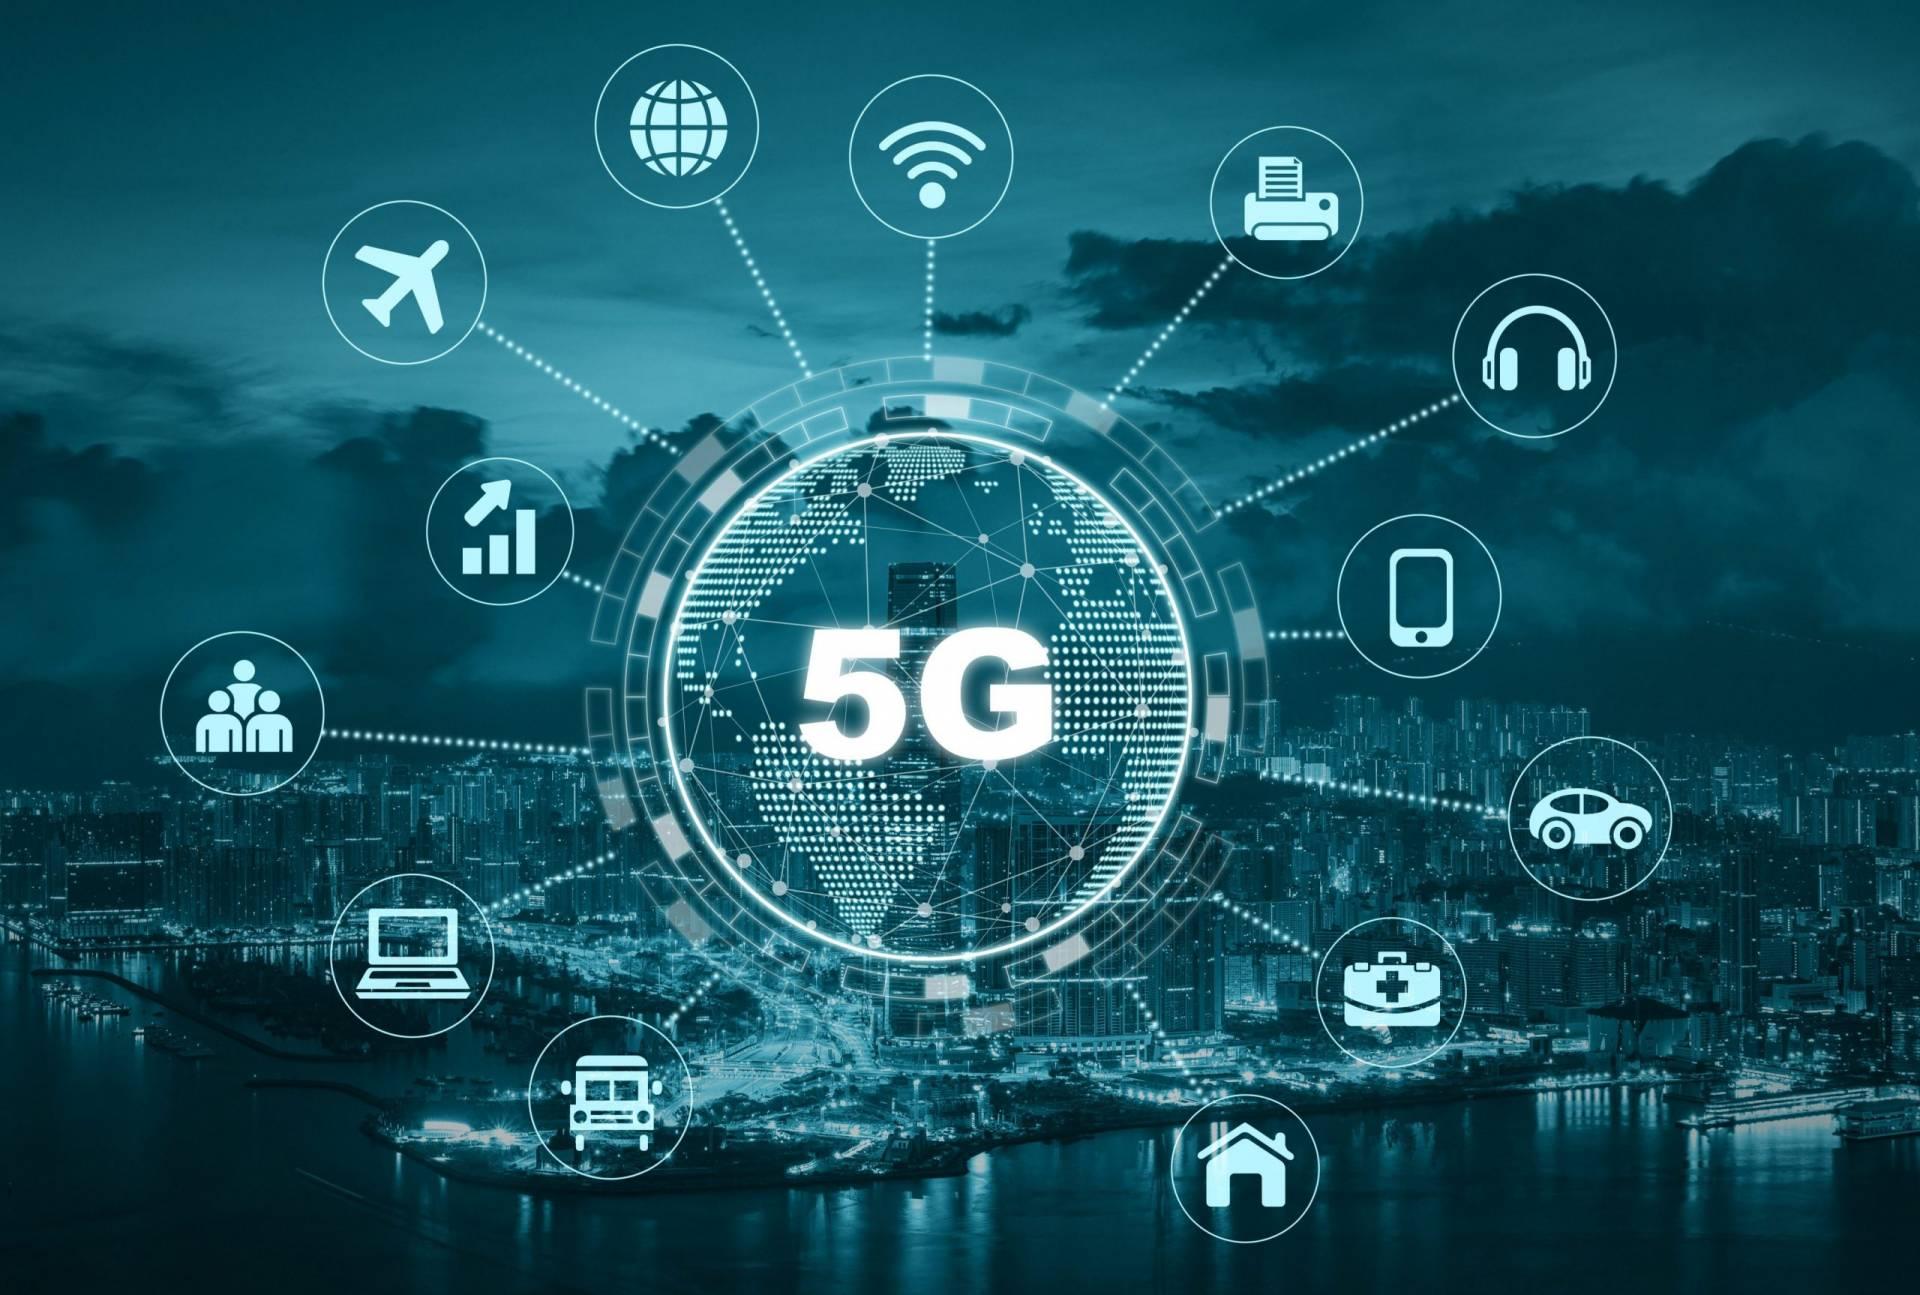 Το 5G ανεβάζει την Ελλάδα στην παγκόσμια κατάταξη του mobile Ιnternet